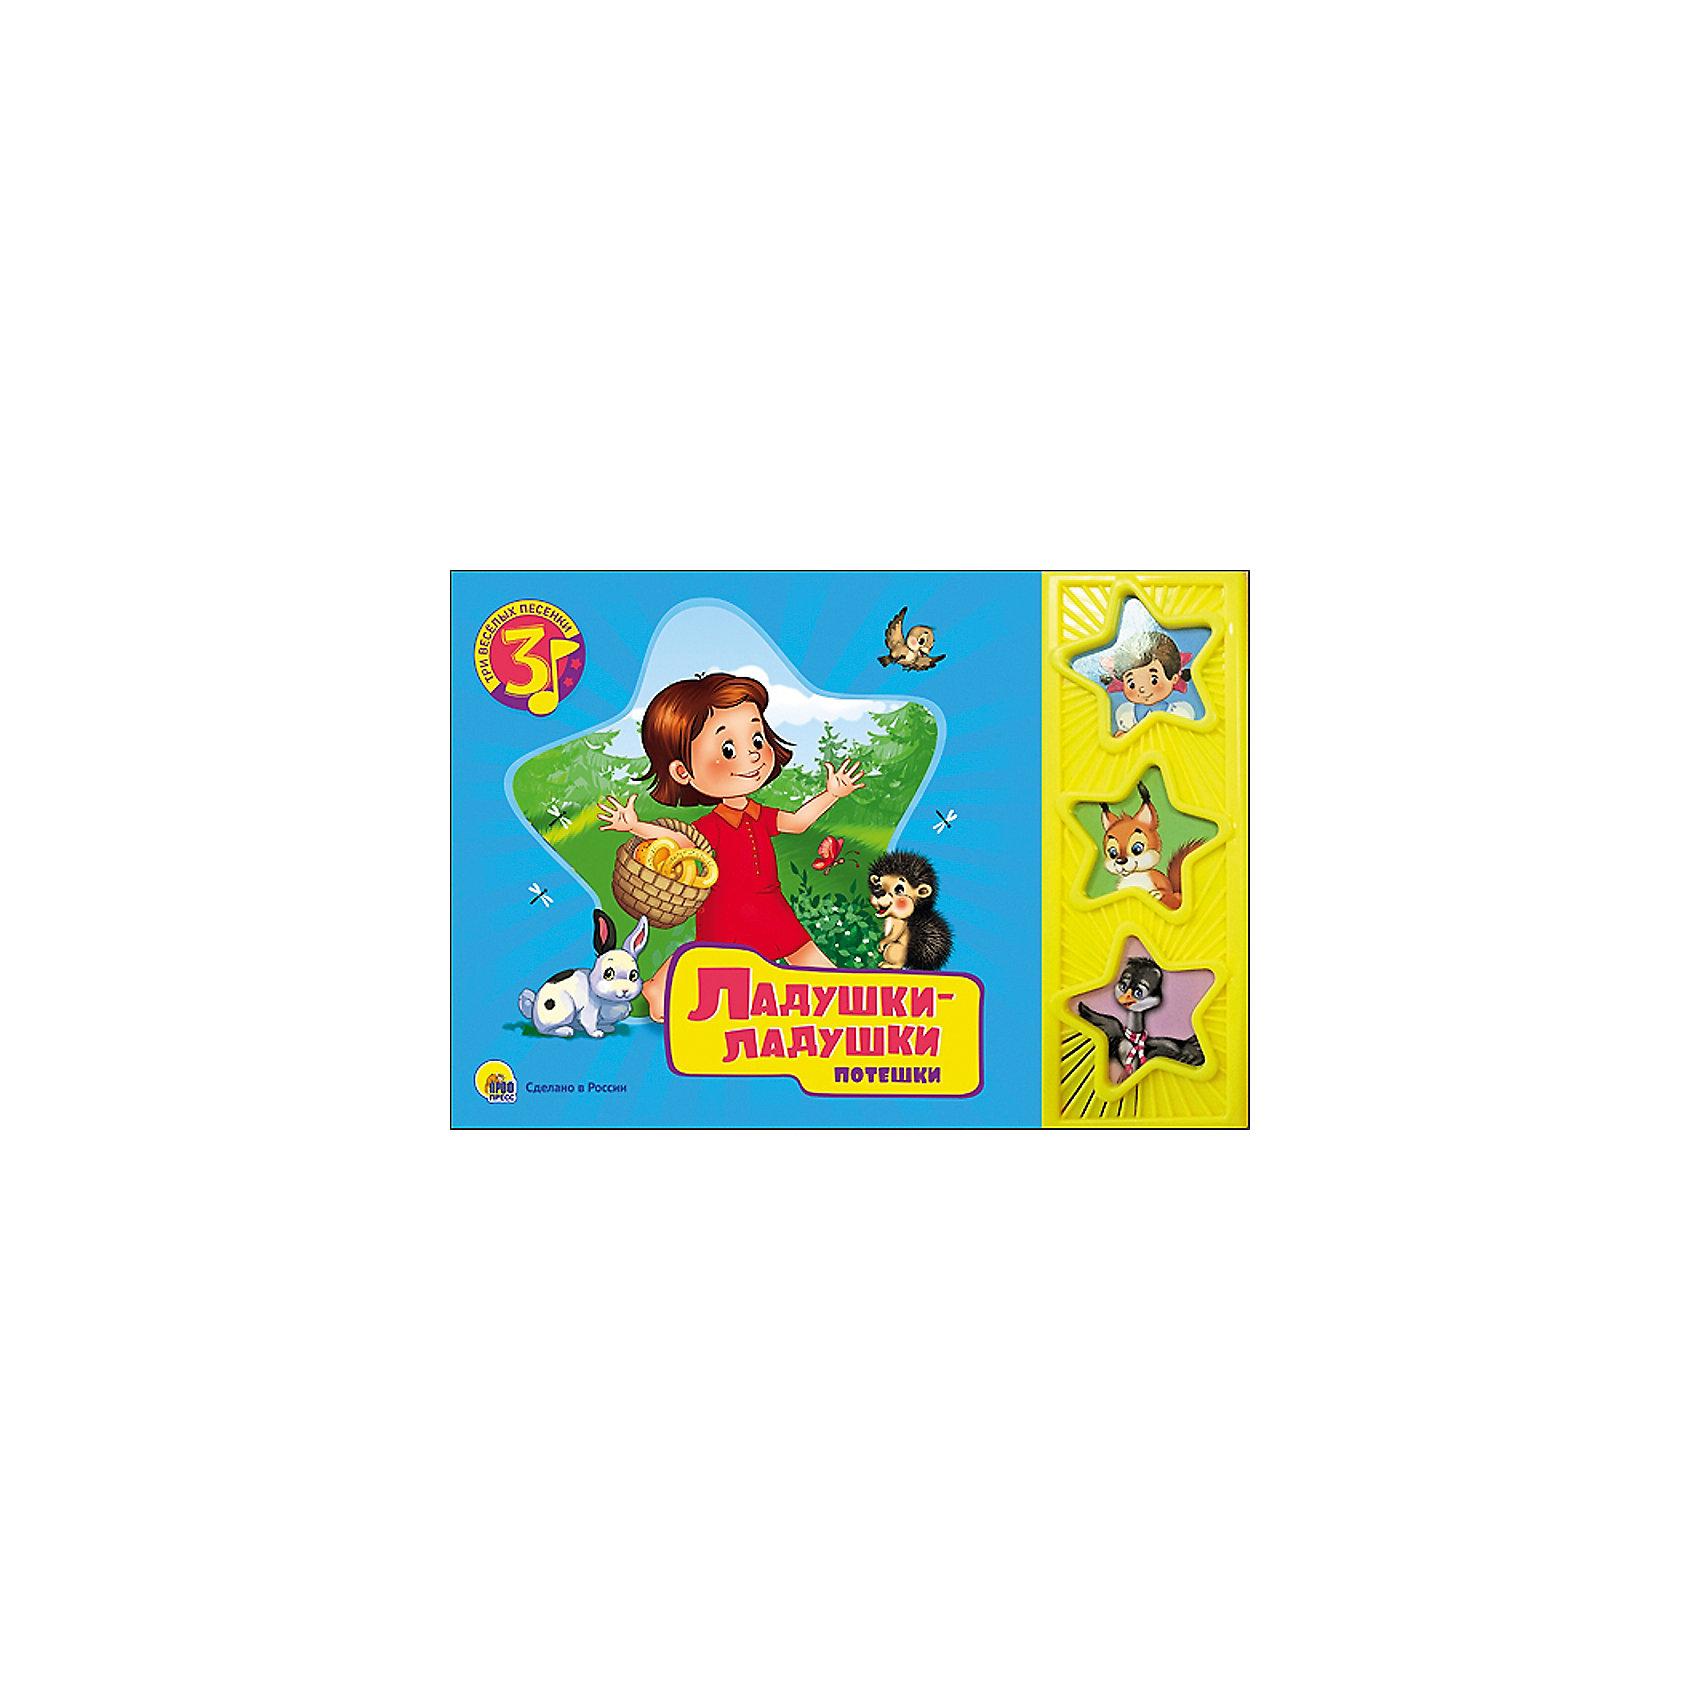 Проф-Пресс Ладушки-ладушки, Три веселых песенки художественные книги умка мульткнижка ладушки ладушки